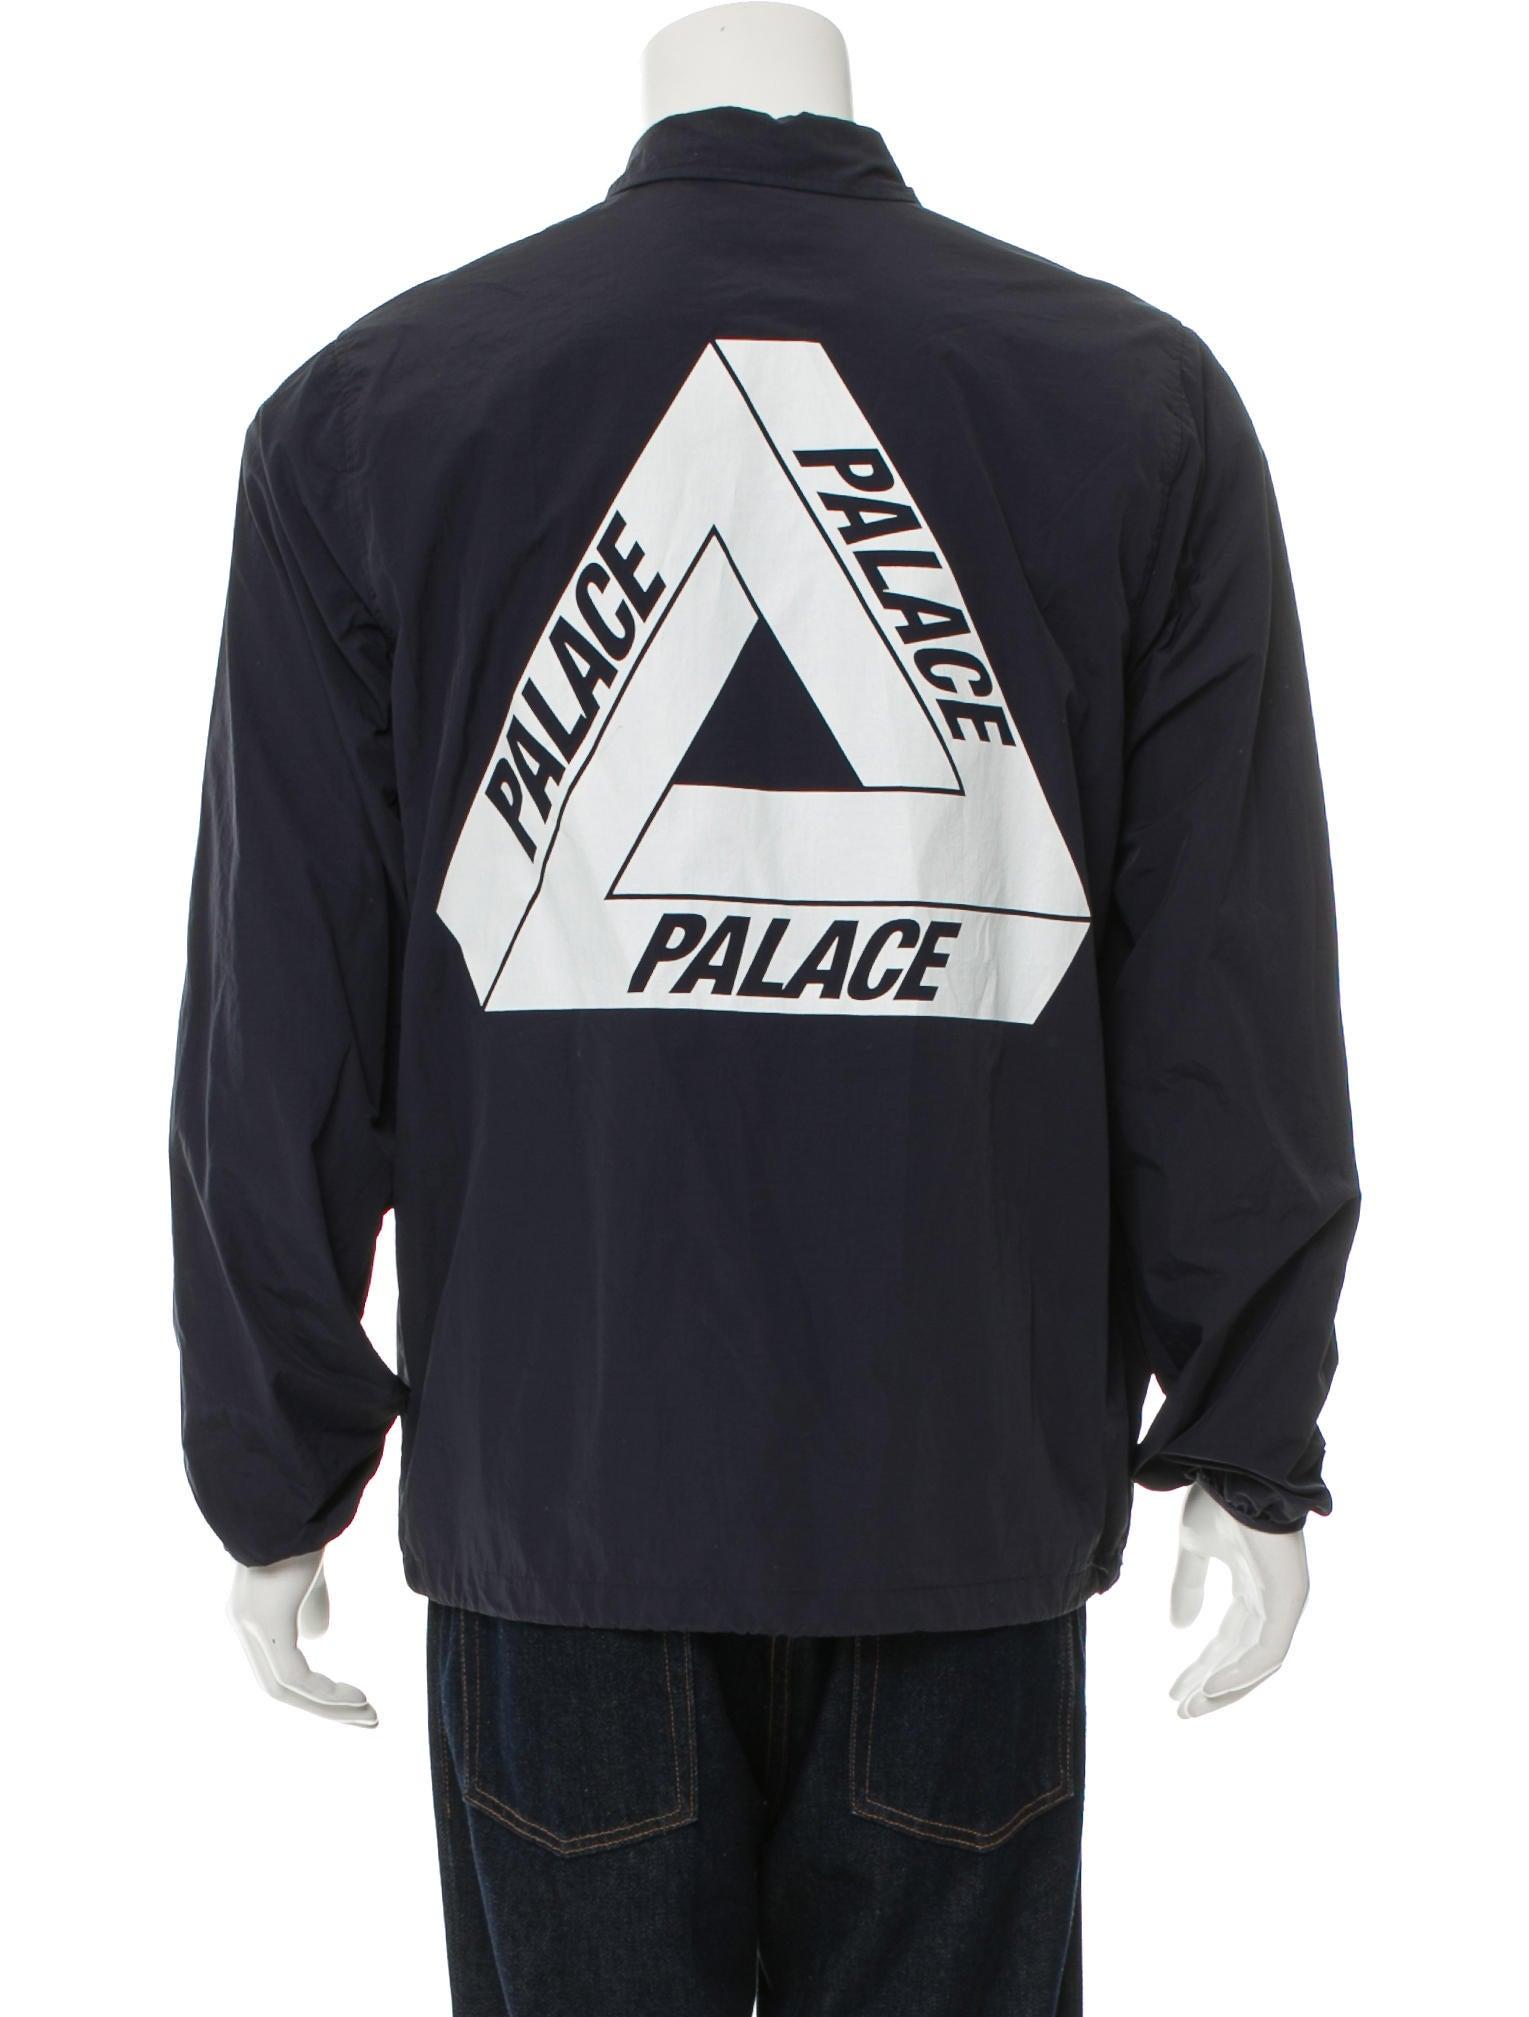 Palace Skateboards Logo Coach Jacket Clothing